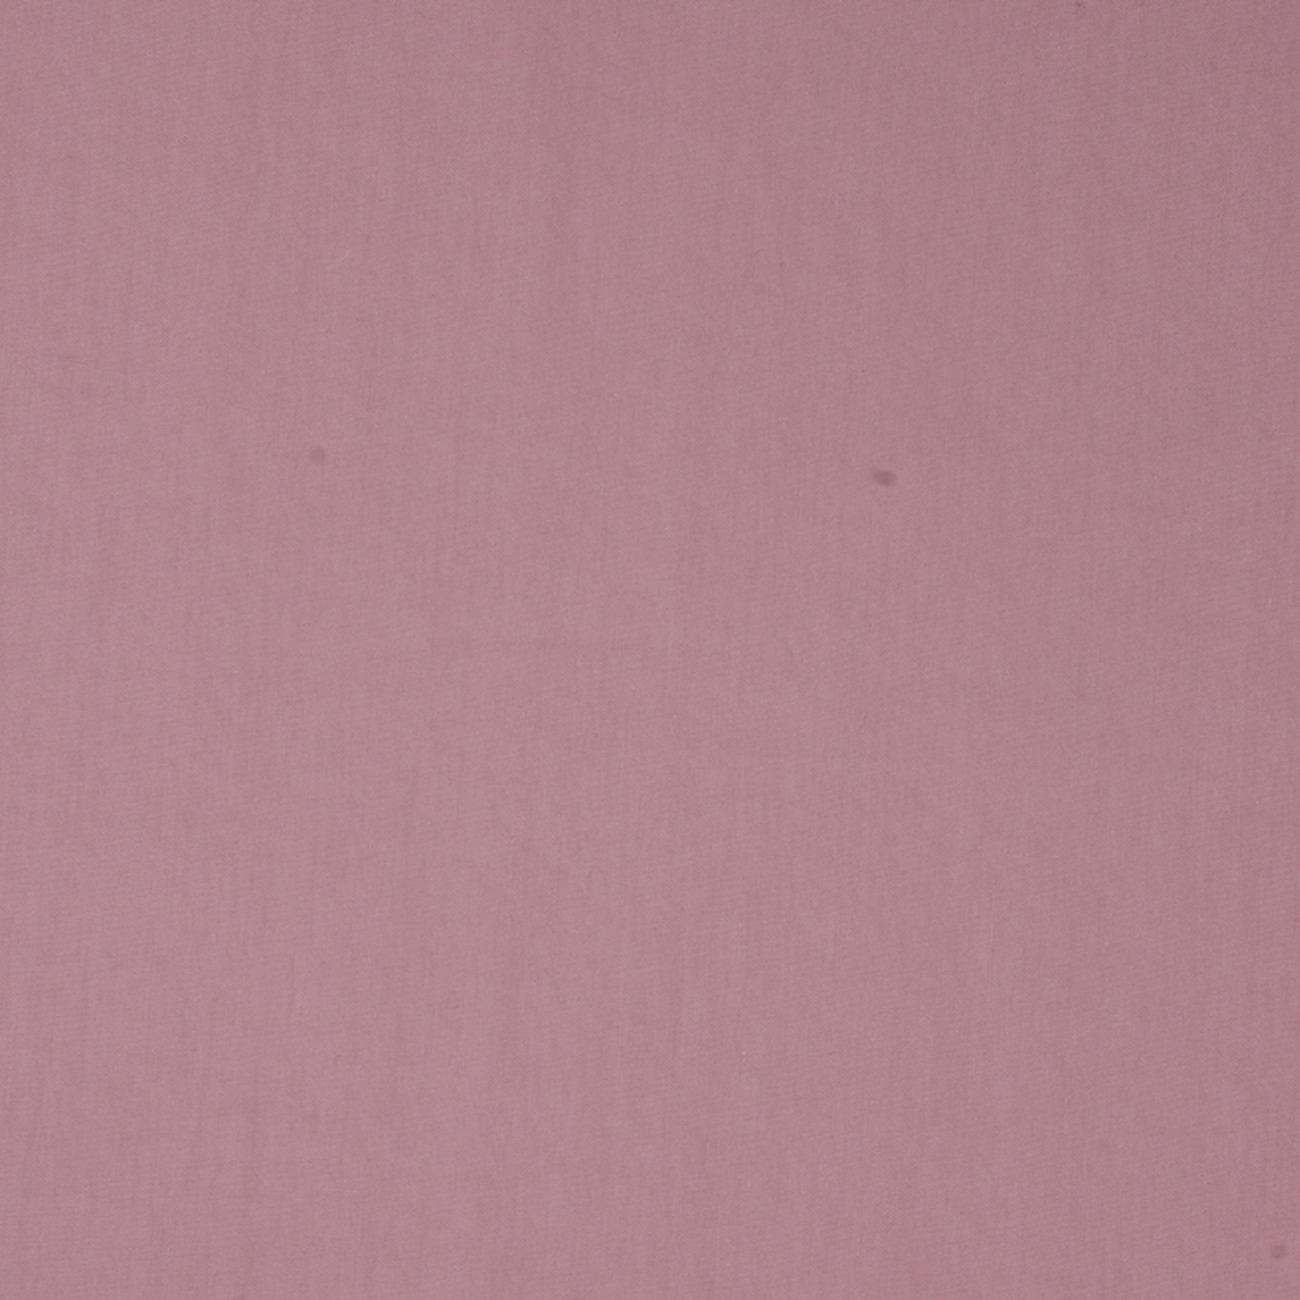 期货 素色平纹外套风衣柔软棉感 秋冬 棉衣 61219-66